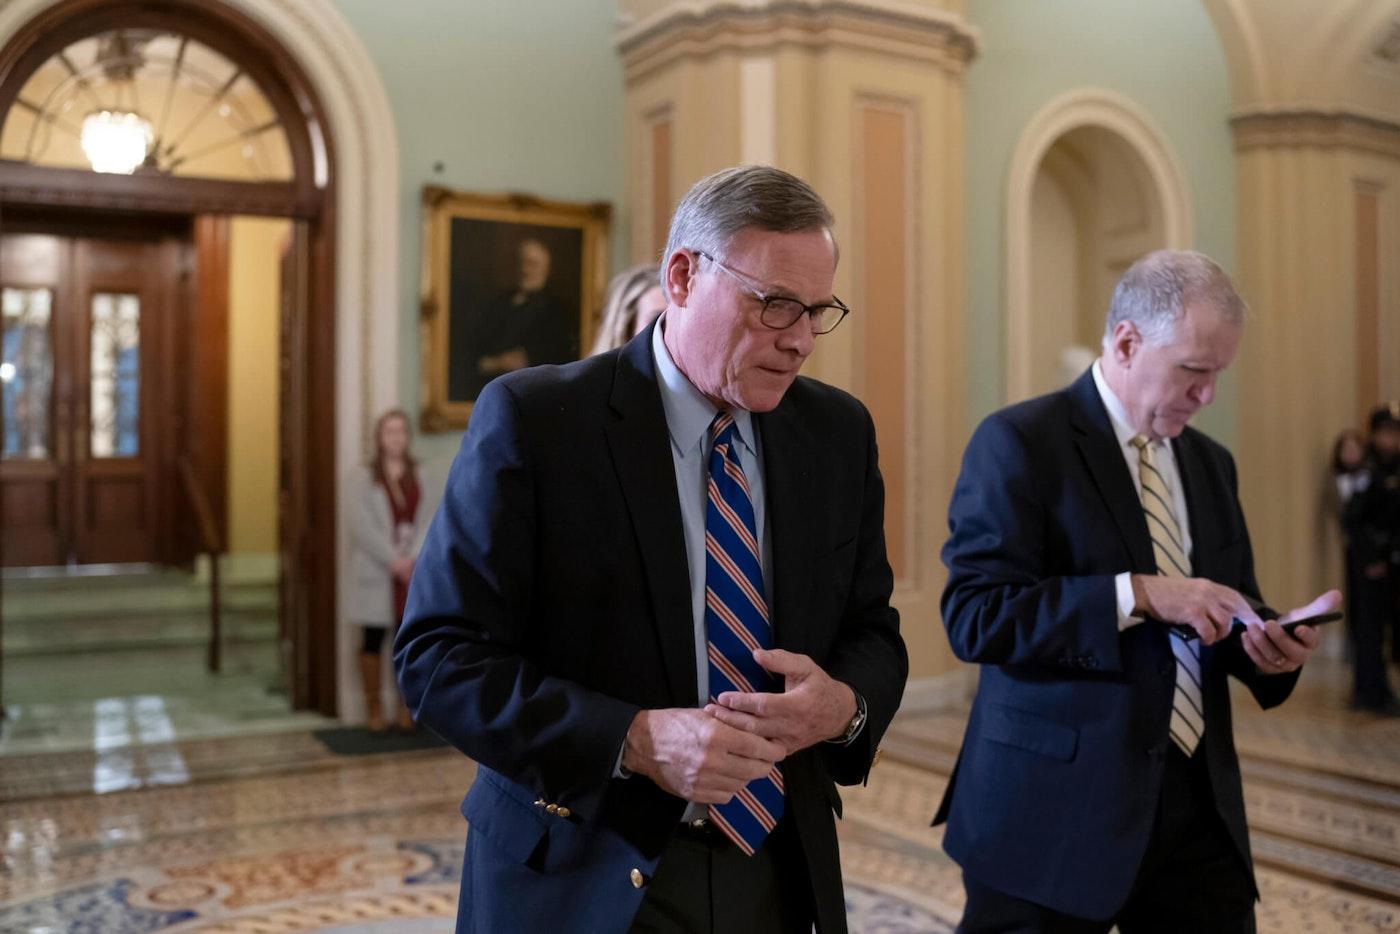 Sen. Richard Burr, R-N.C., left, and Sen. Thom Tillis, R-N.C., in January 2020. (AP Photo/J. Scott Applewhite)